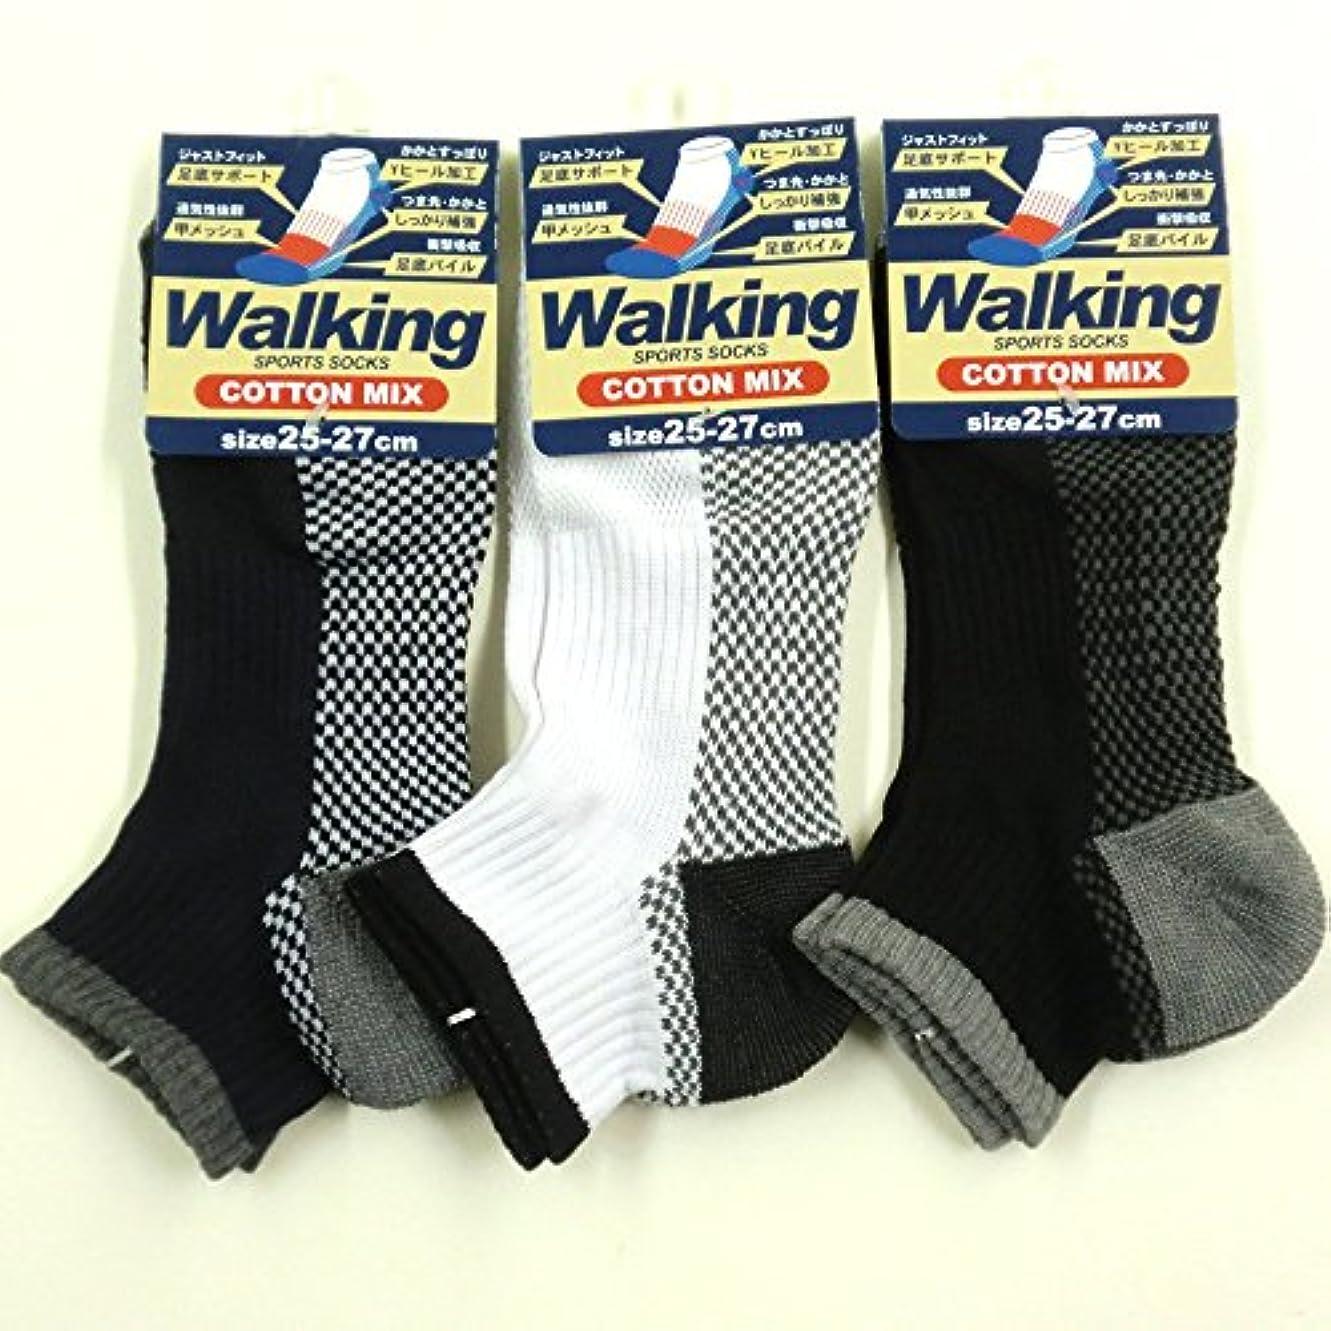 マイクロゴールド変えるスニーカー ソックス メンズ ウォーキング 靴下 綿混 足底パイル 25-27cm 3足セット